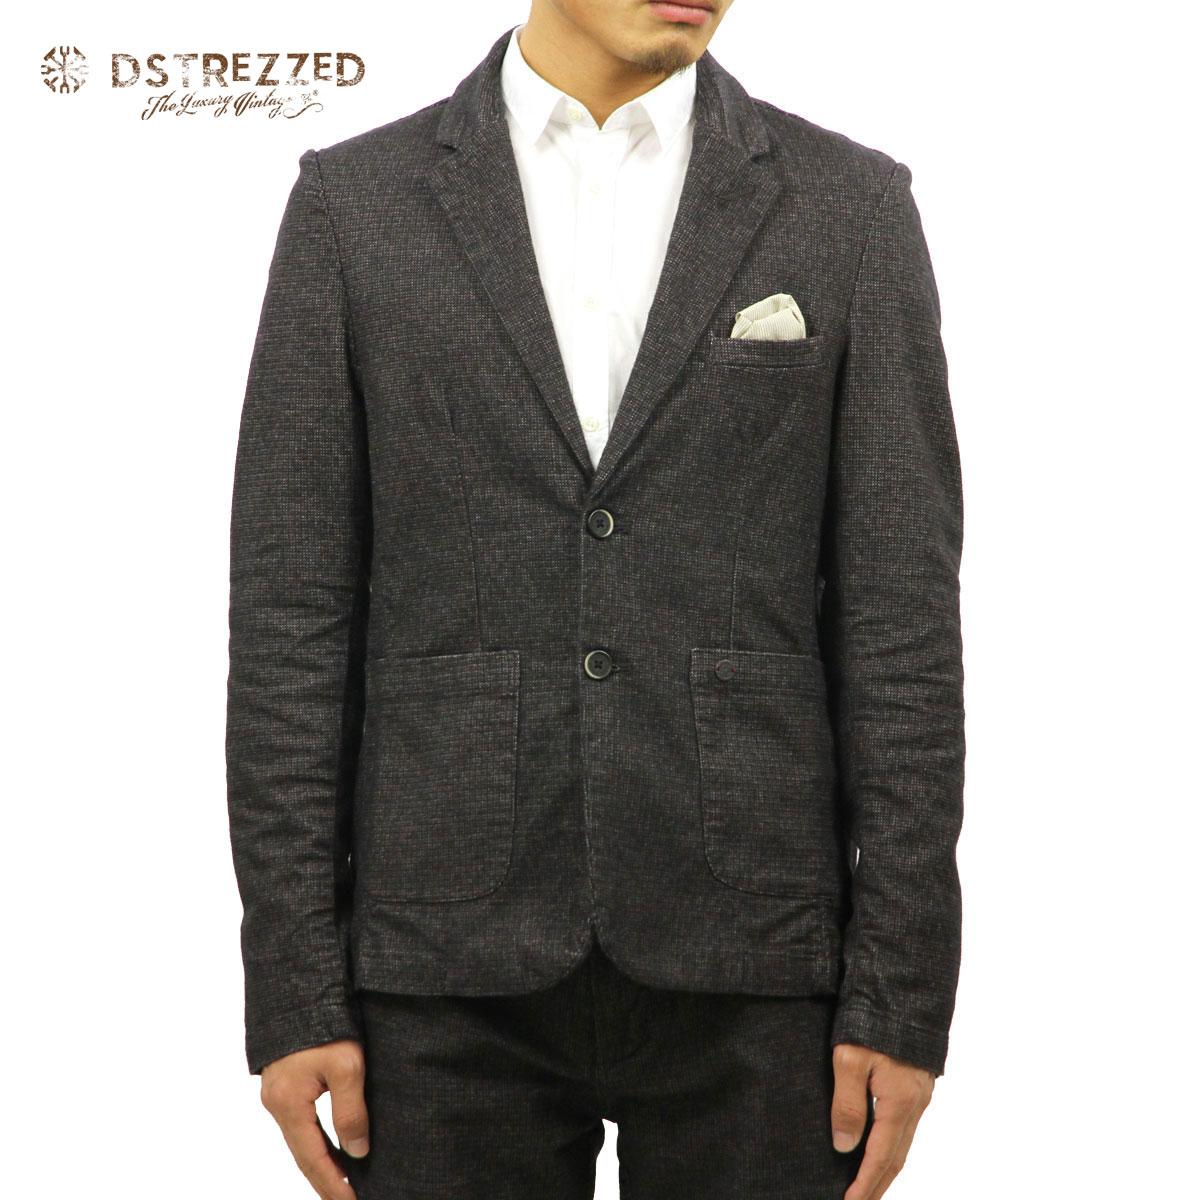 ディストレス DSTREZZED 正規販売店 メンズ ジャケット Blazer Flannel check 111089 97 D00S20